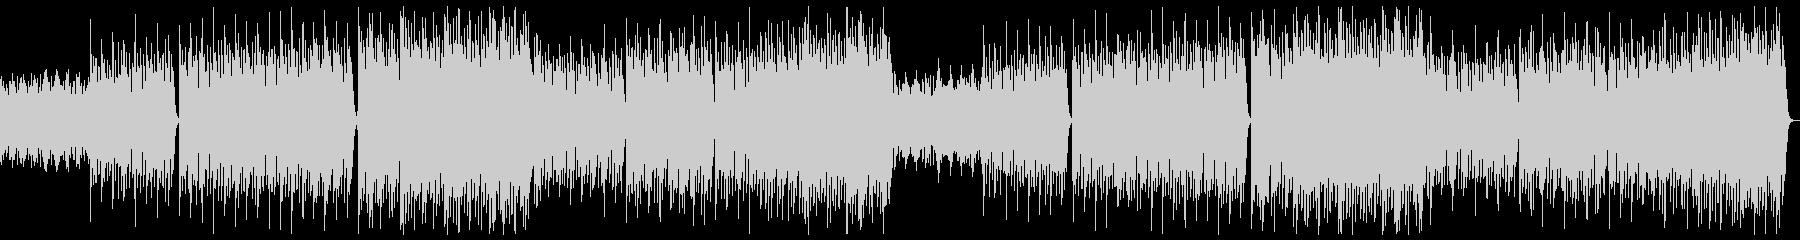 明るく躍動的なポップオーケストラxフル2の未再生の波形